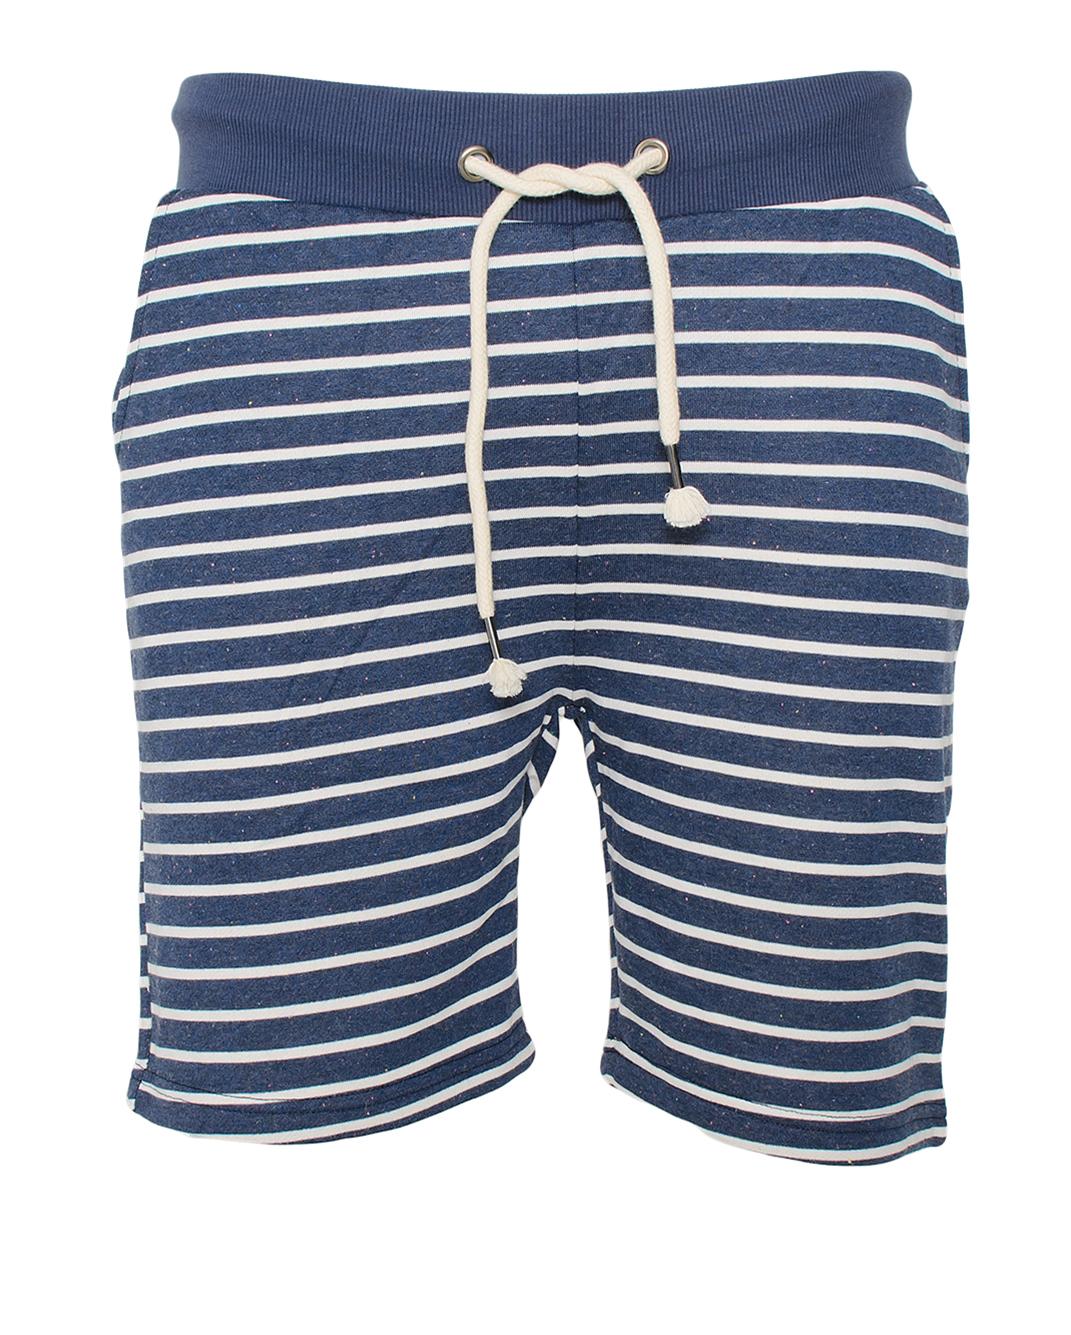 Ανδρική Βερμούδα Stripes-Μπλε αρχική ανδρικά ρούχα βερμούδες